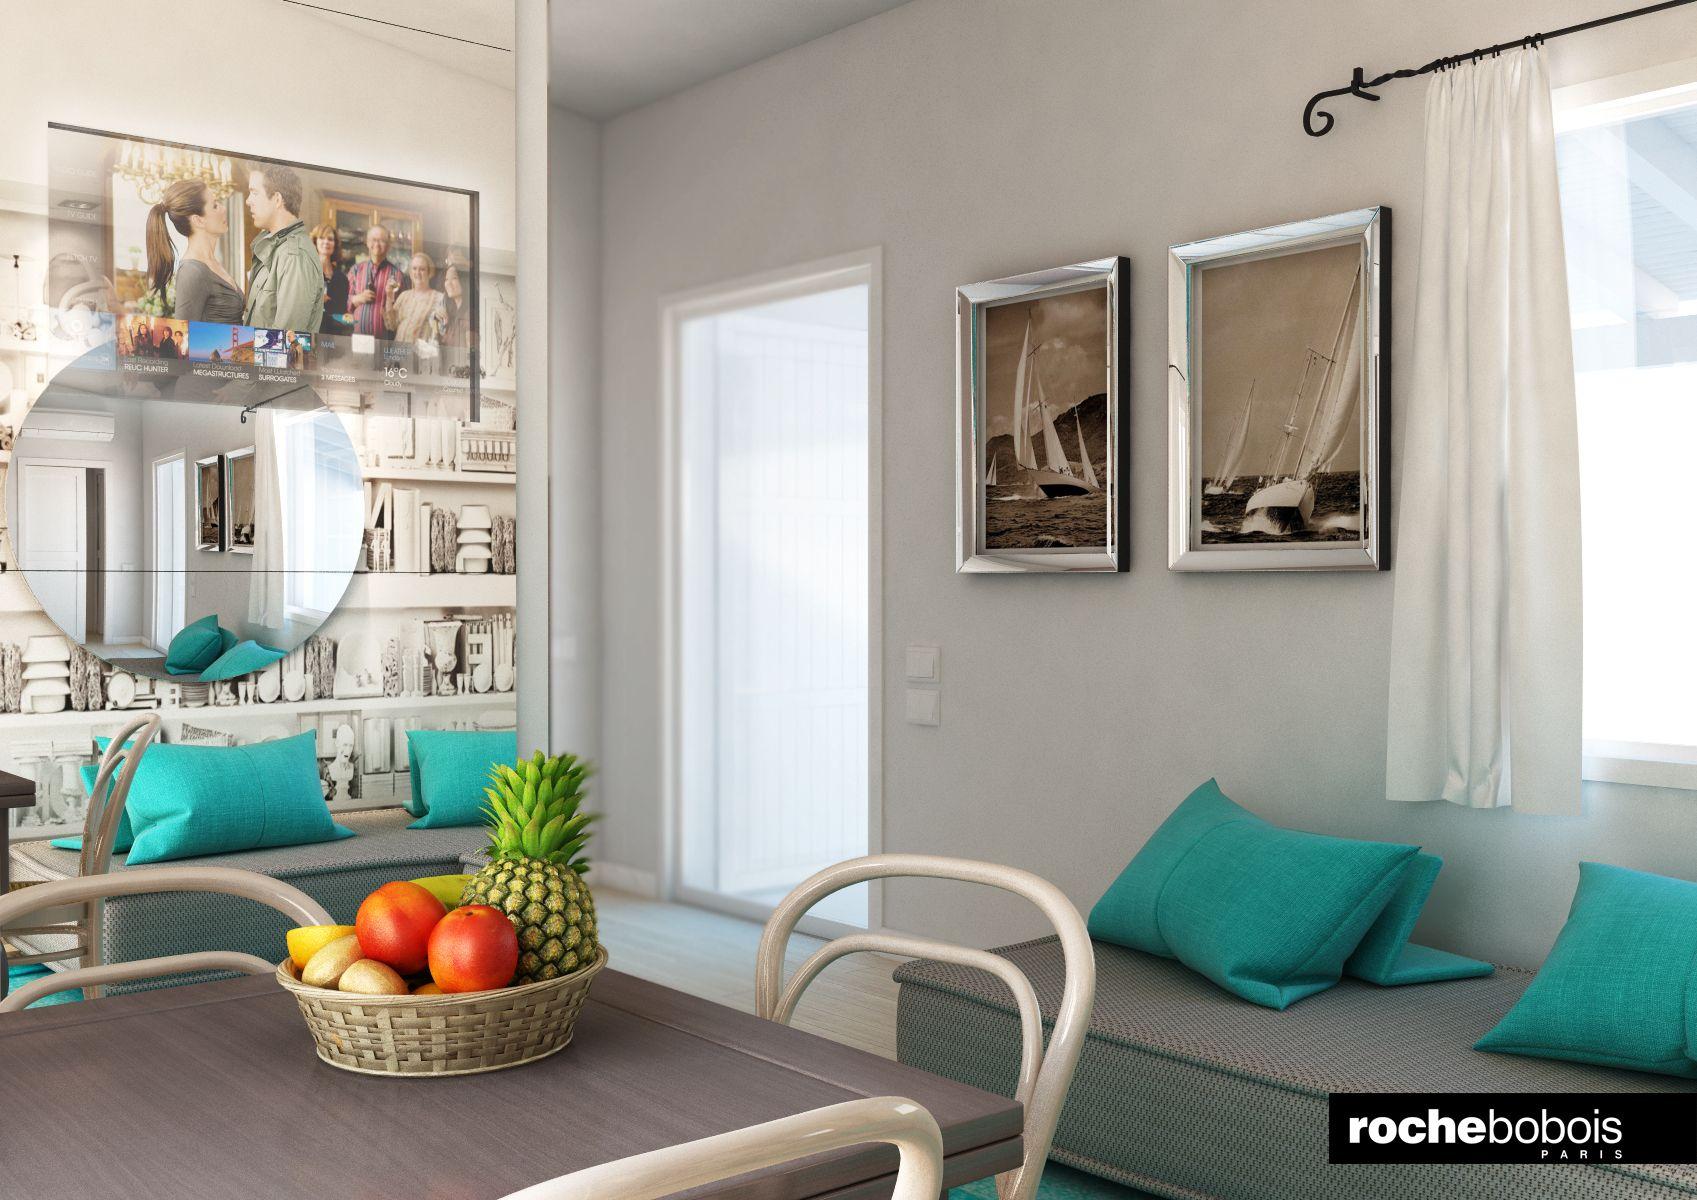 Escapade Roche Bobois Beau Stock Emejing Roche E Bobois Idee Per Una Casa Moderna